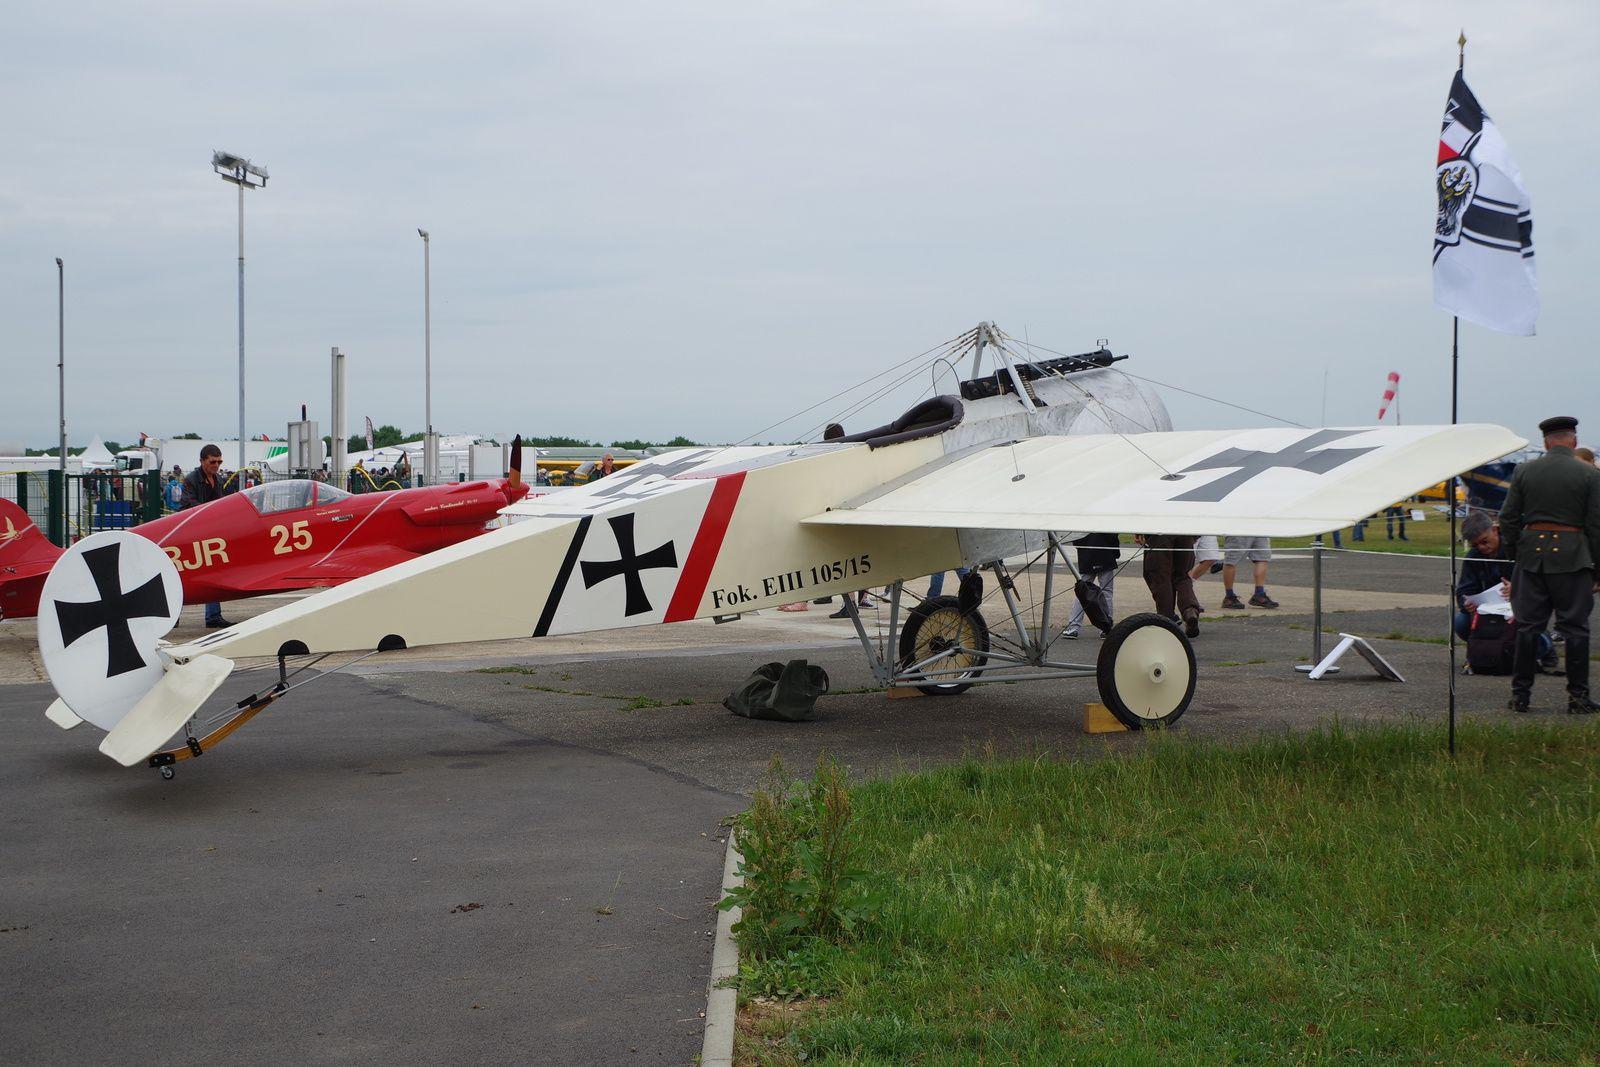 Autre réplique construite à la Ferté, le Fokker EIII d'Hubert Mars, dont voici une vue de trois quart arrière.